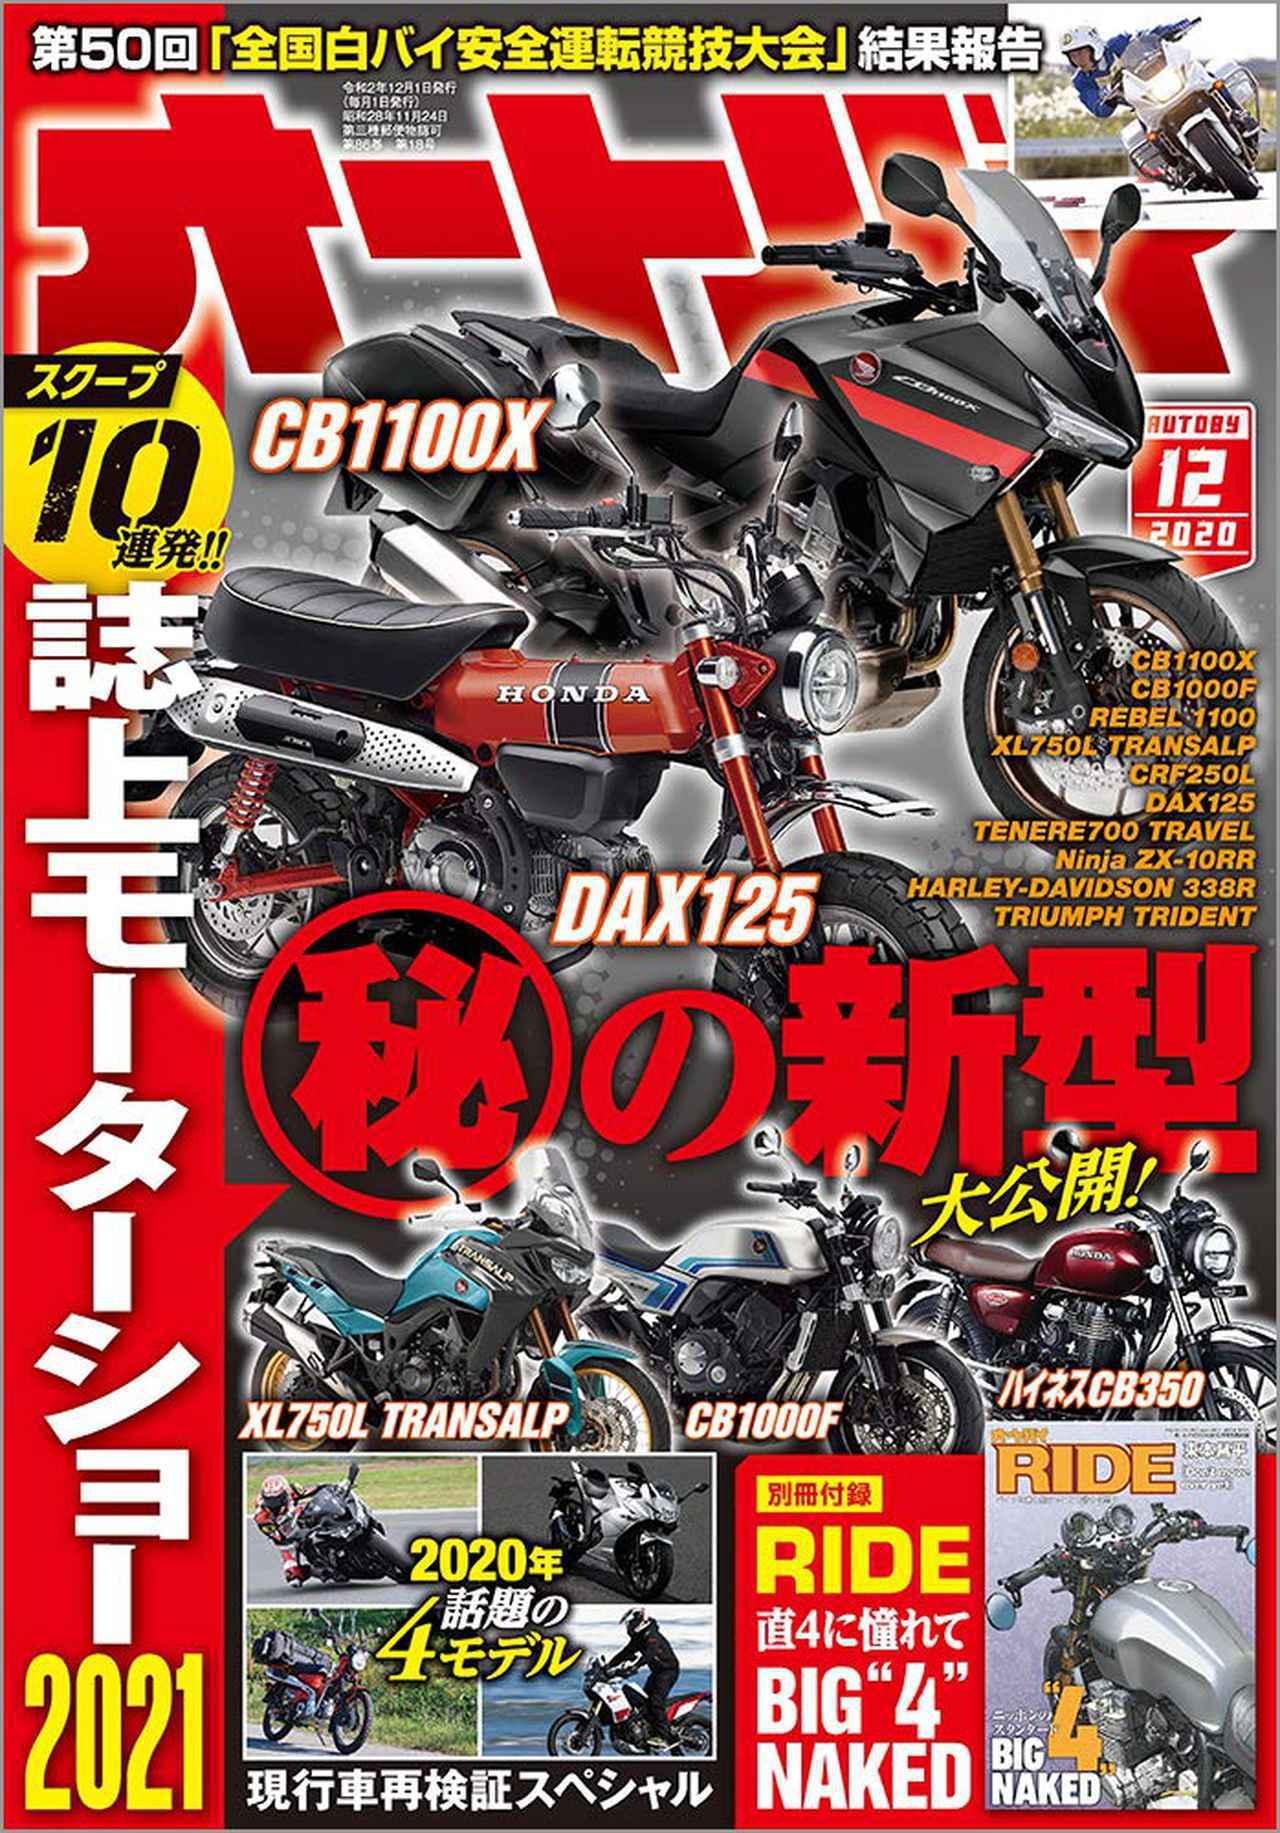 画像1: 新型バイクのスクープを10連発! 月刊『オートバイ』2020年12月号の特集は「誌上モーターショー2021」